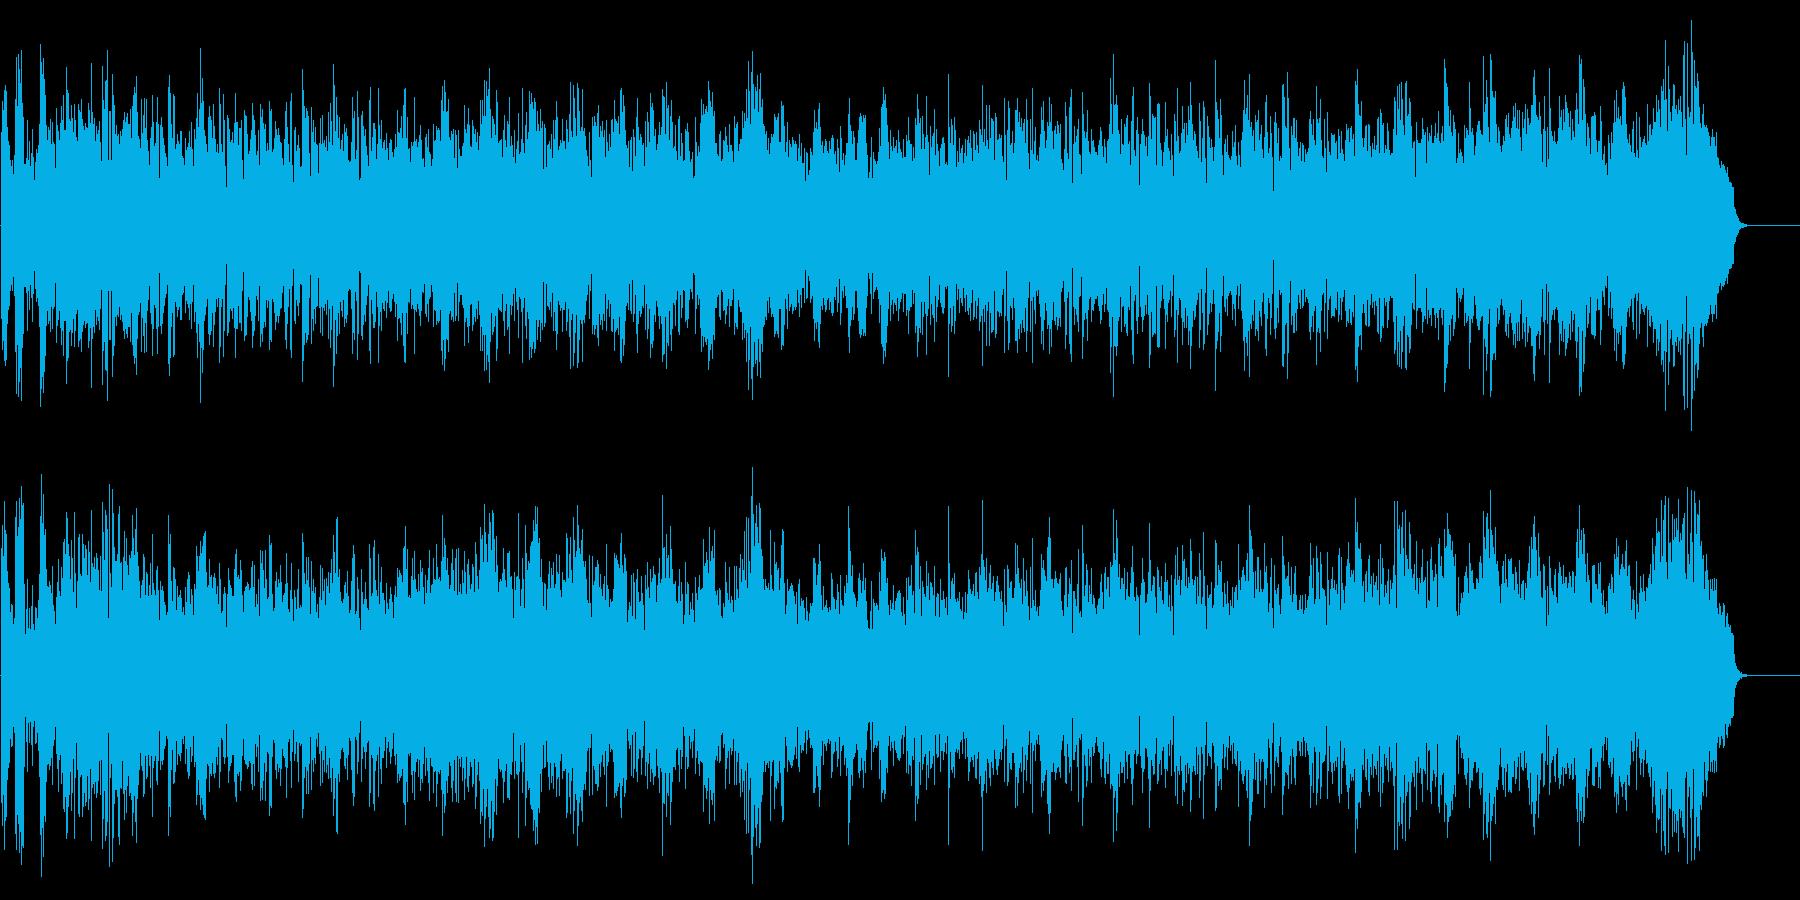 潮風ロマンスのフュージョン・サウンドの再生済みの波形